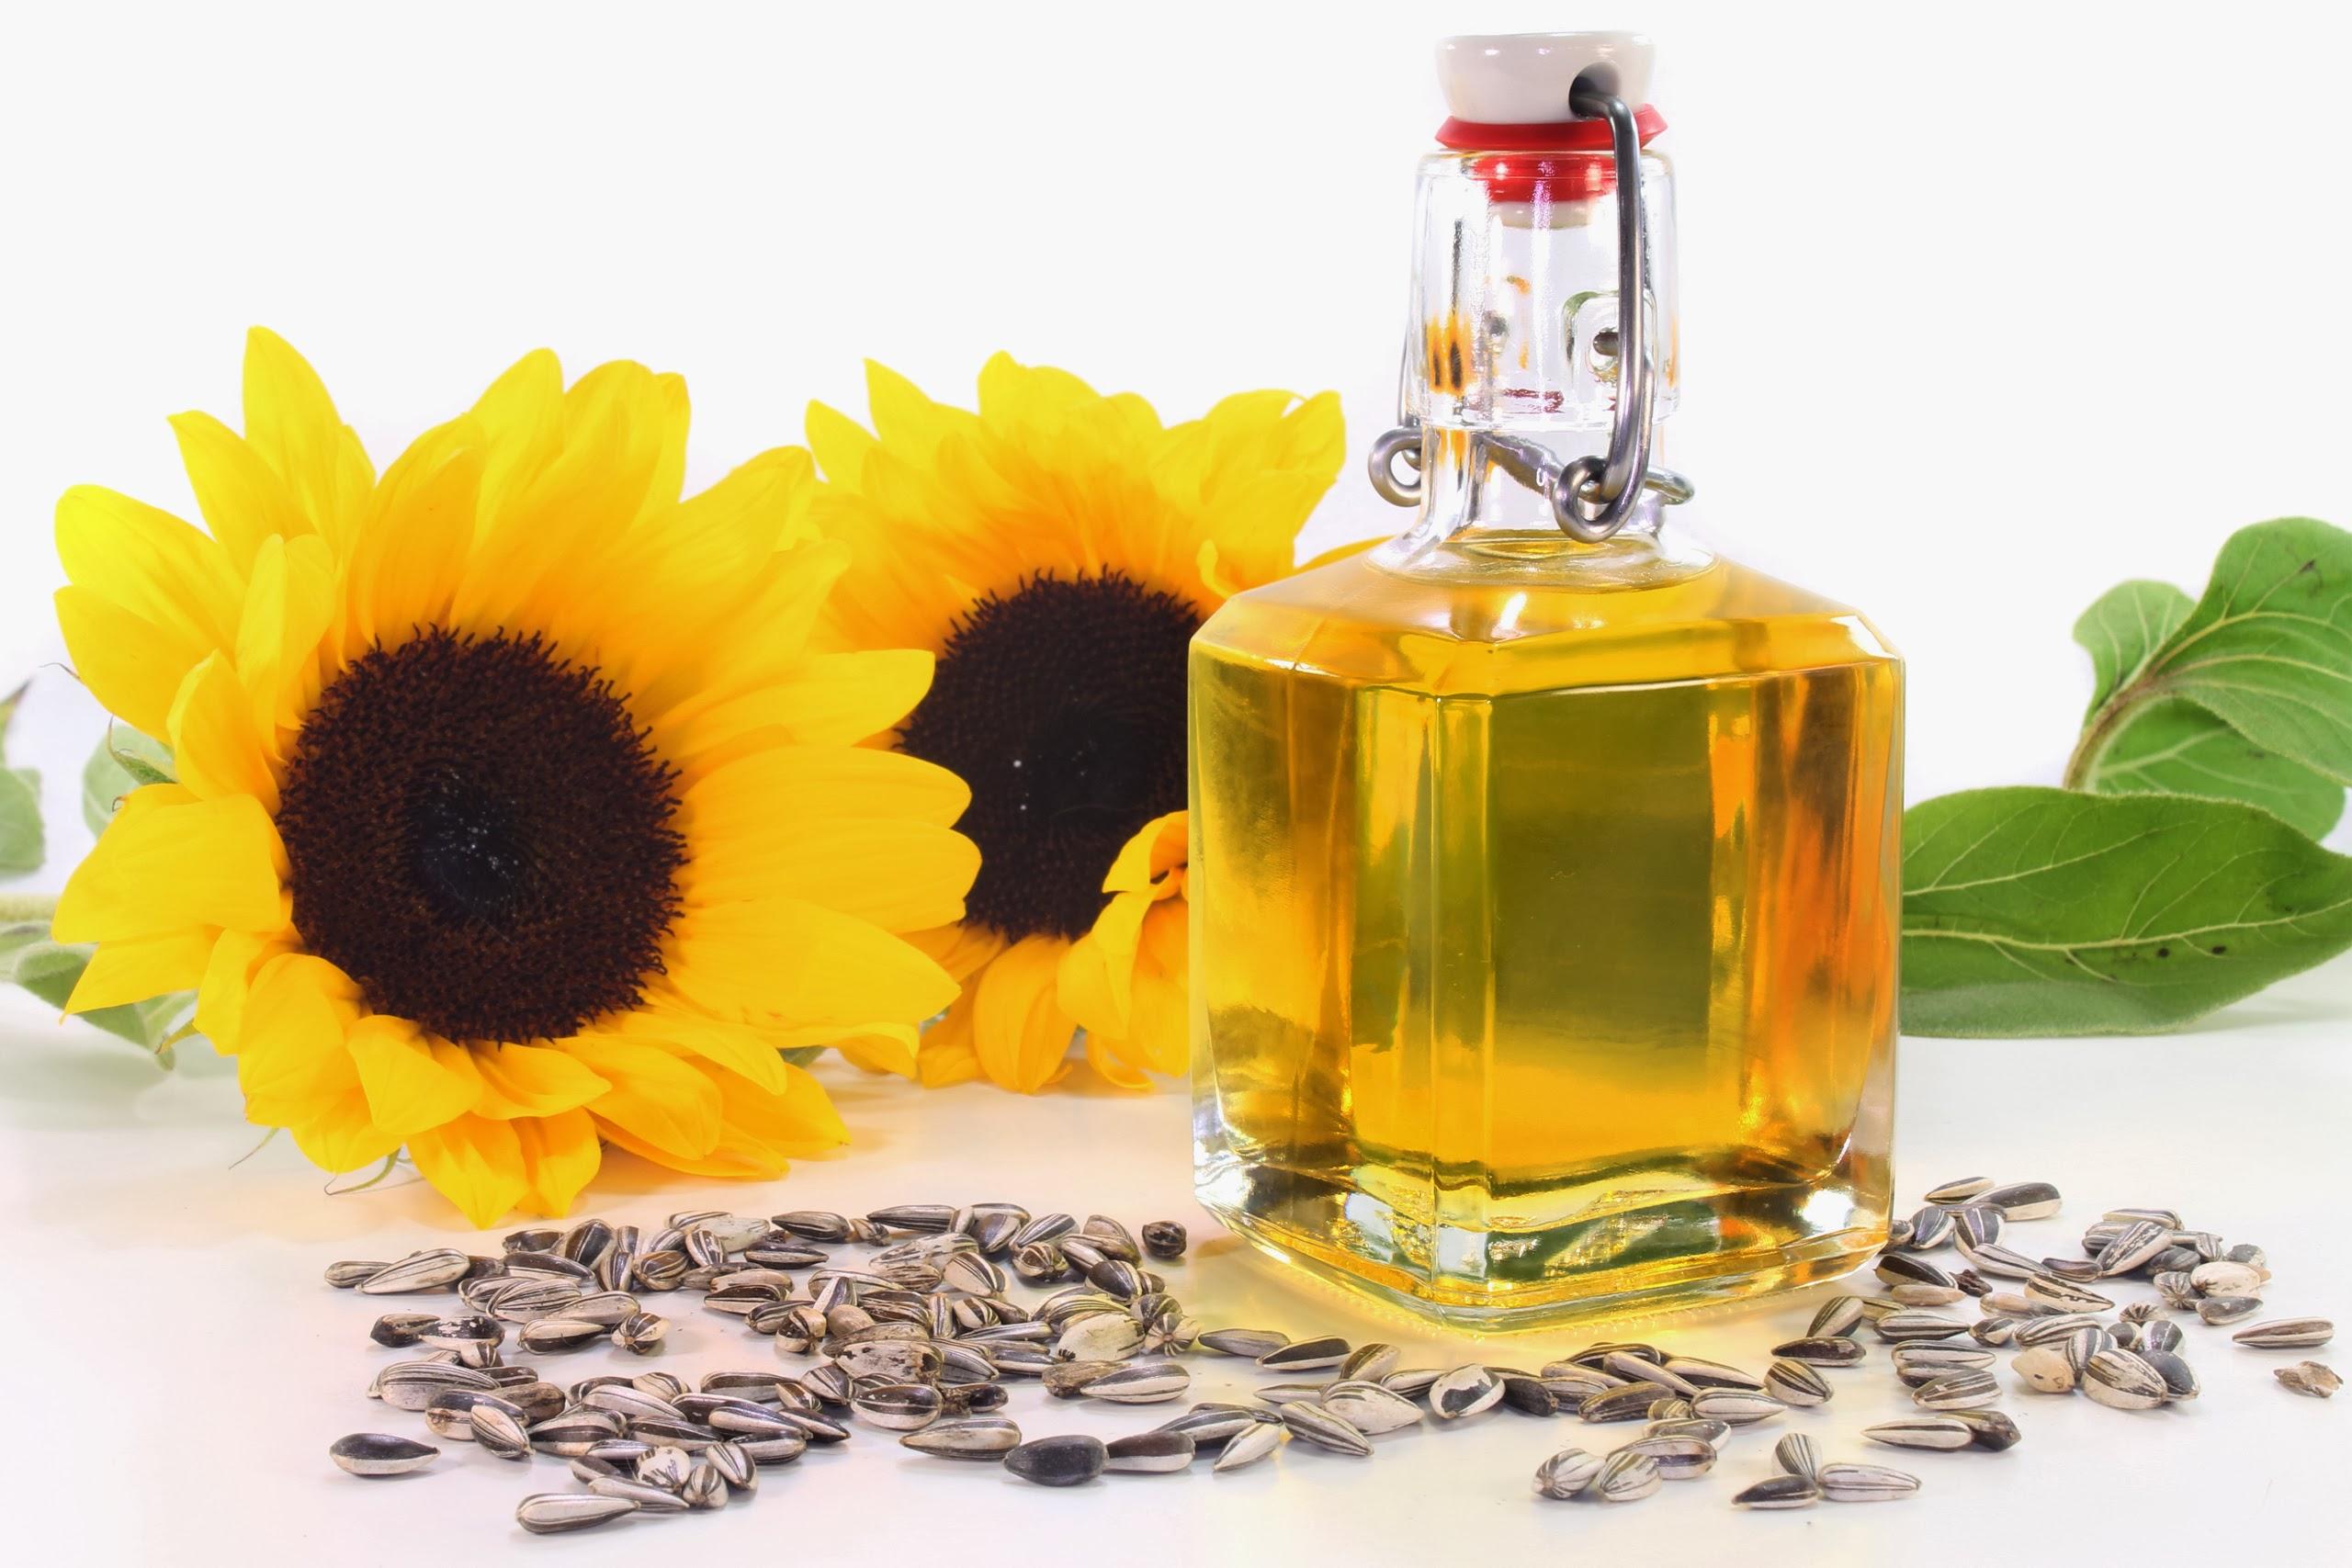 6 lợi ích không ngờ của dầu hướng dương đối với sức khỏe – Hifood.com.vn